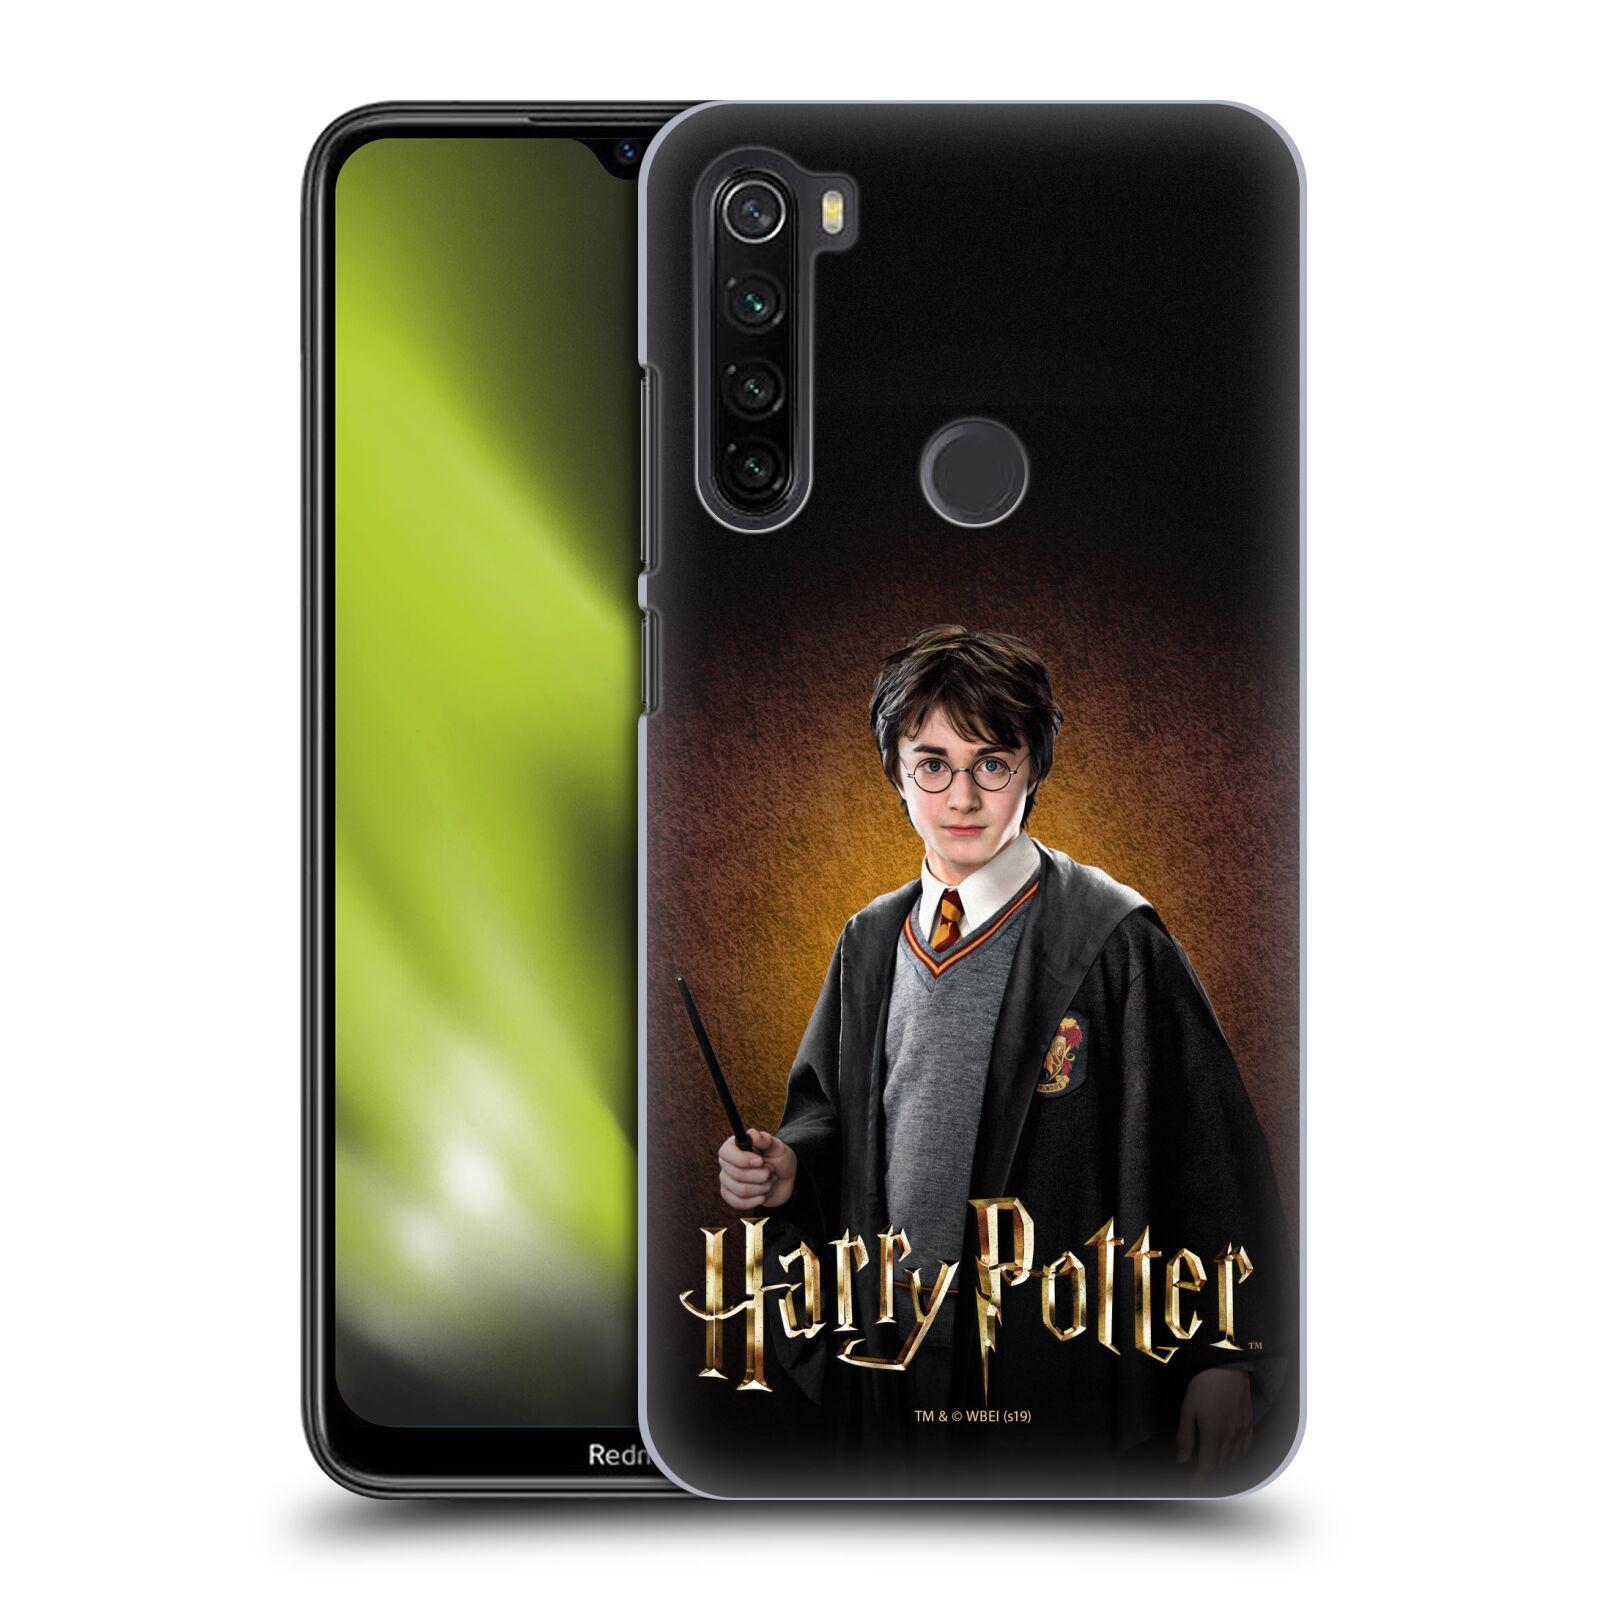 Plastové pouzdro na mobil Xiaomi Redmi Note 8T - Harry Potter - Malý Harry Potter